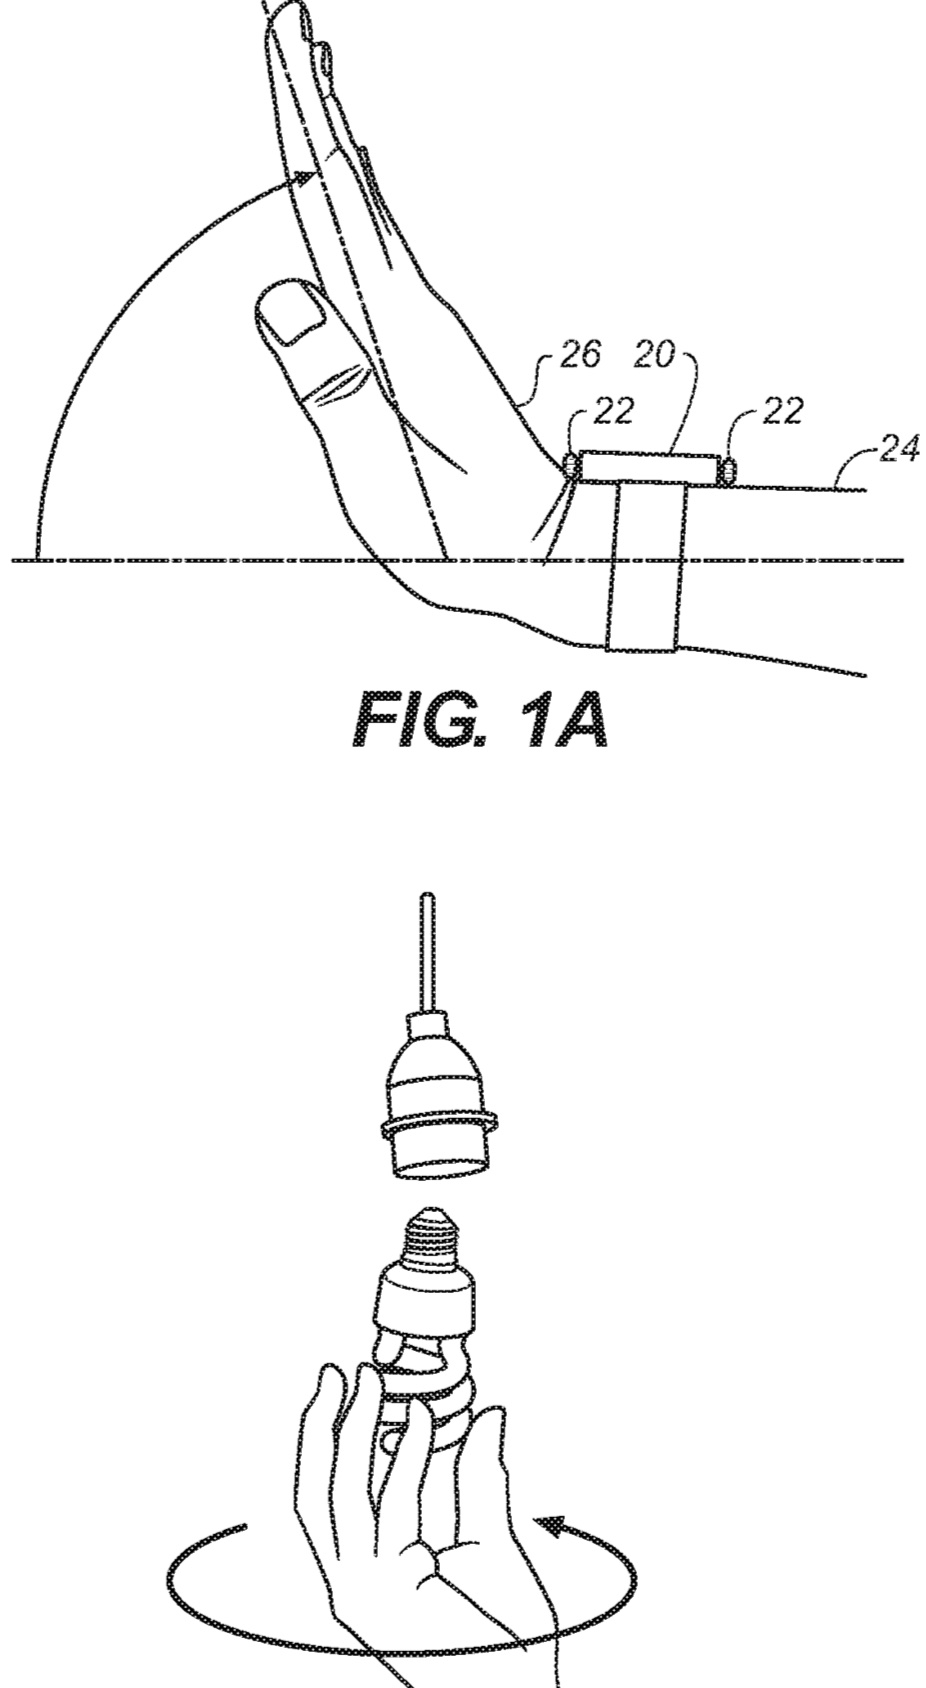 Digital Crown patent.jpg